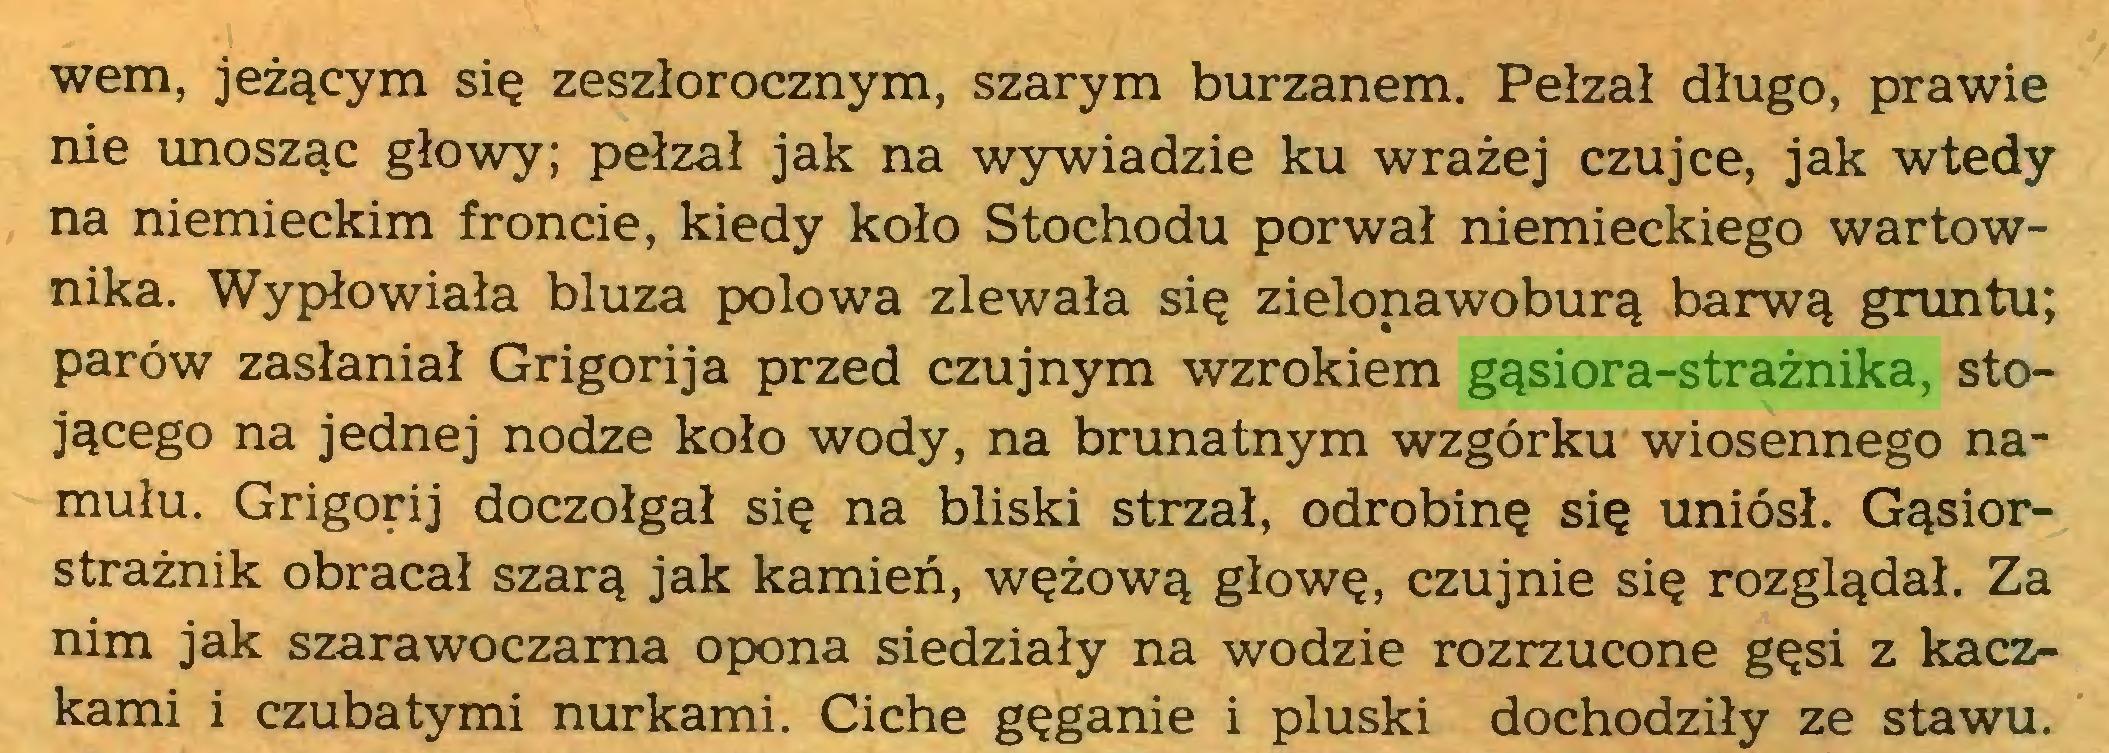 (...) wem, jeżącym się zeszłorocznym, szarym burzanem. Pełzał długo, prawie nie unosząc głowy; pełzał jak na wywiadzie ku wrażej czujce, jak wtedy na niemieckim froncie, kiedy koło Stochodu porwał niemieckiego wartownika. Wypłowiała bluza połowa zlewała się zielonawoburą barwą gruntu; parów zasłaniał Grigorija przed czujnym wzrokiem gąsiora-strażnika, stojącego na jednej nodze koło wody, na brunatnym wzgórku wiosennego namułu. Grigorij doczołgał się na bliski strzał, odrobinę się uniósł. Gąsiorstrażnik obracał szarą jak kamień, wężową głowę, czujnie się rozglądał. Za nim jak szarawoczama opona siedziały na wodzie rozrzucone gęsi z kaczkami i czubatymi nurkami. Ciche gęganie i pluski dochodziły ze stawu...